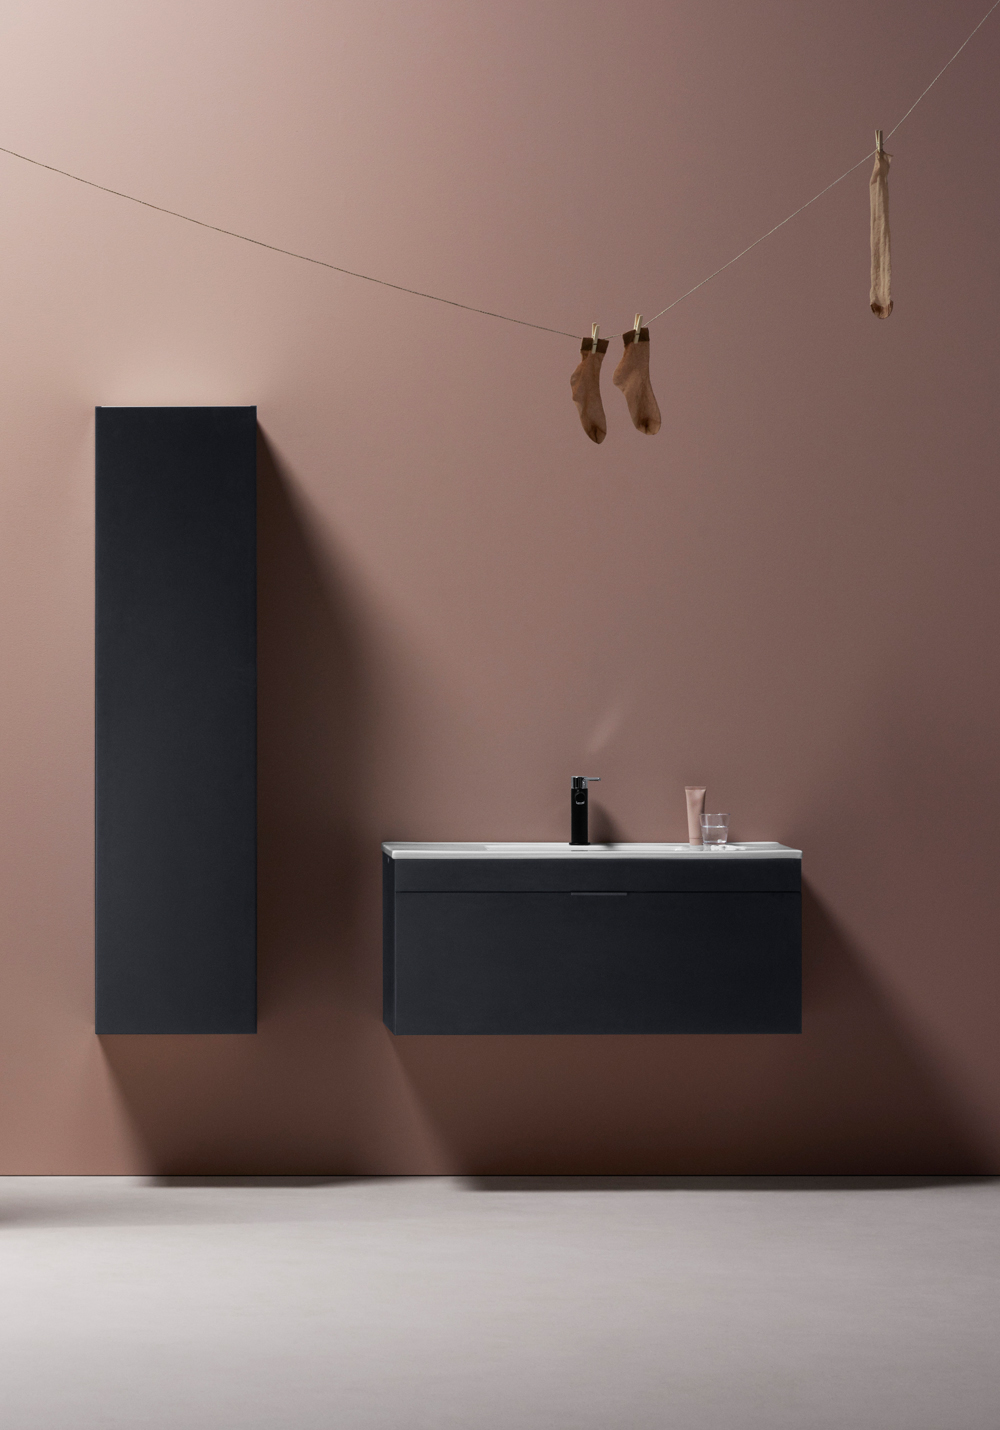 GO HÖGSKÅP VIT - Hafa badrum : högskåp badrum : Badrum